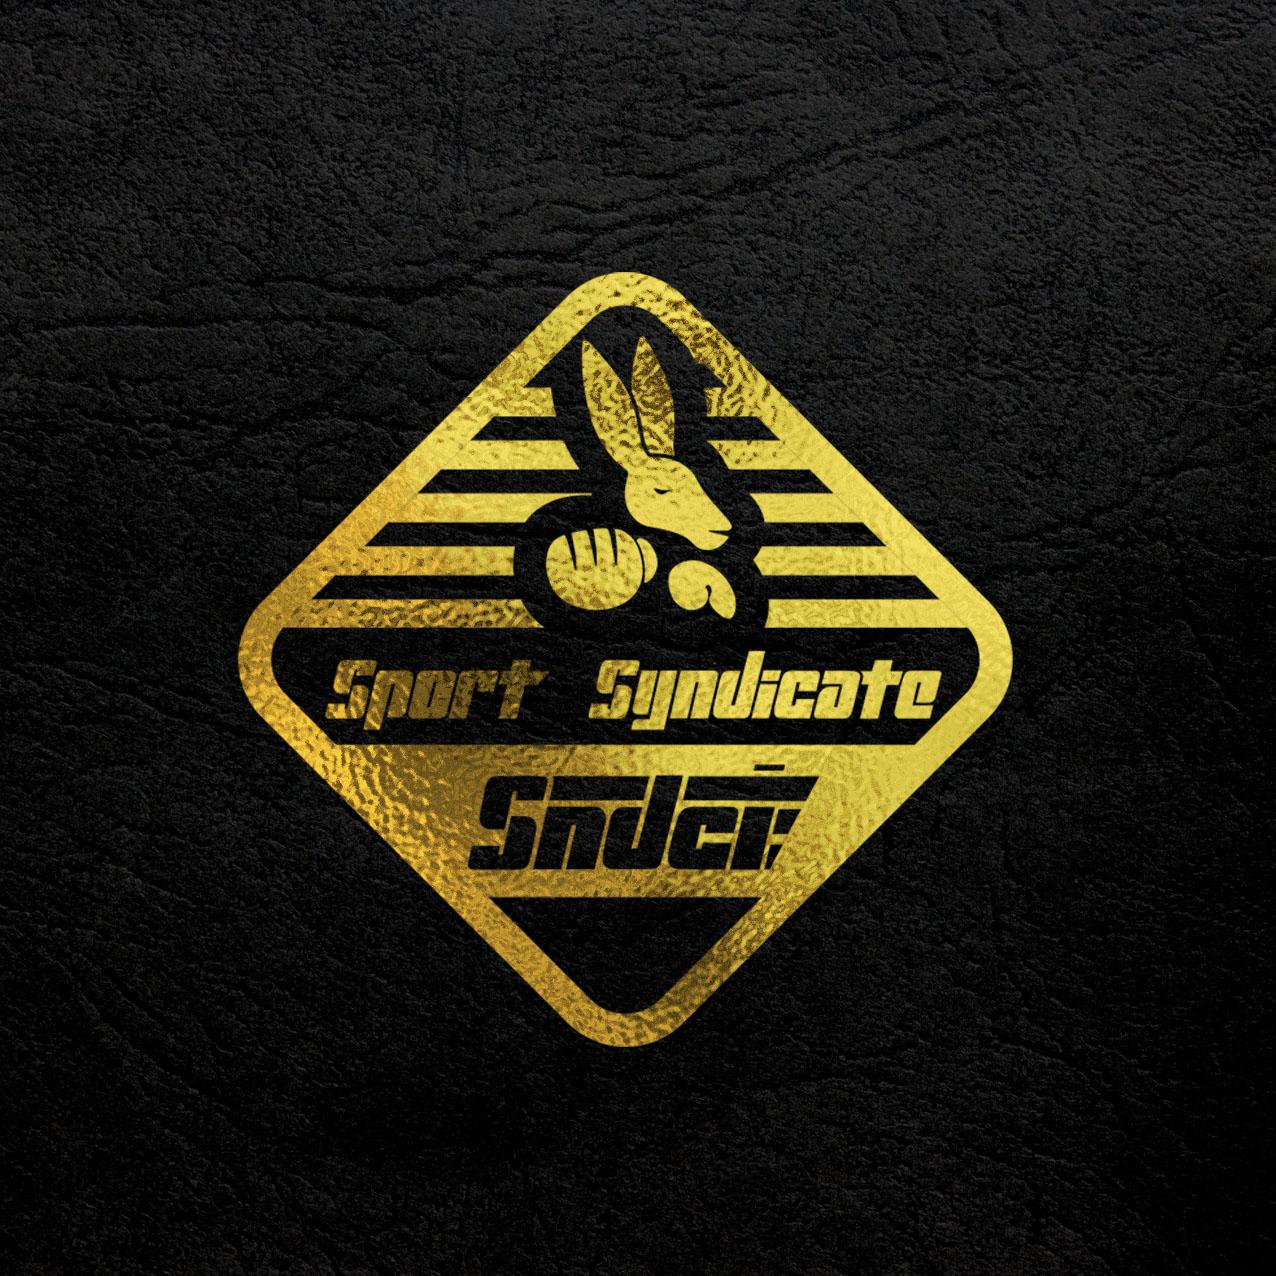 Создать логотип для сети магазинов спортивного питания фото f_93059786e83d28da.jpg